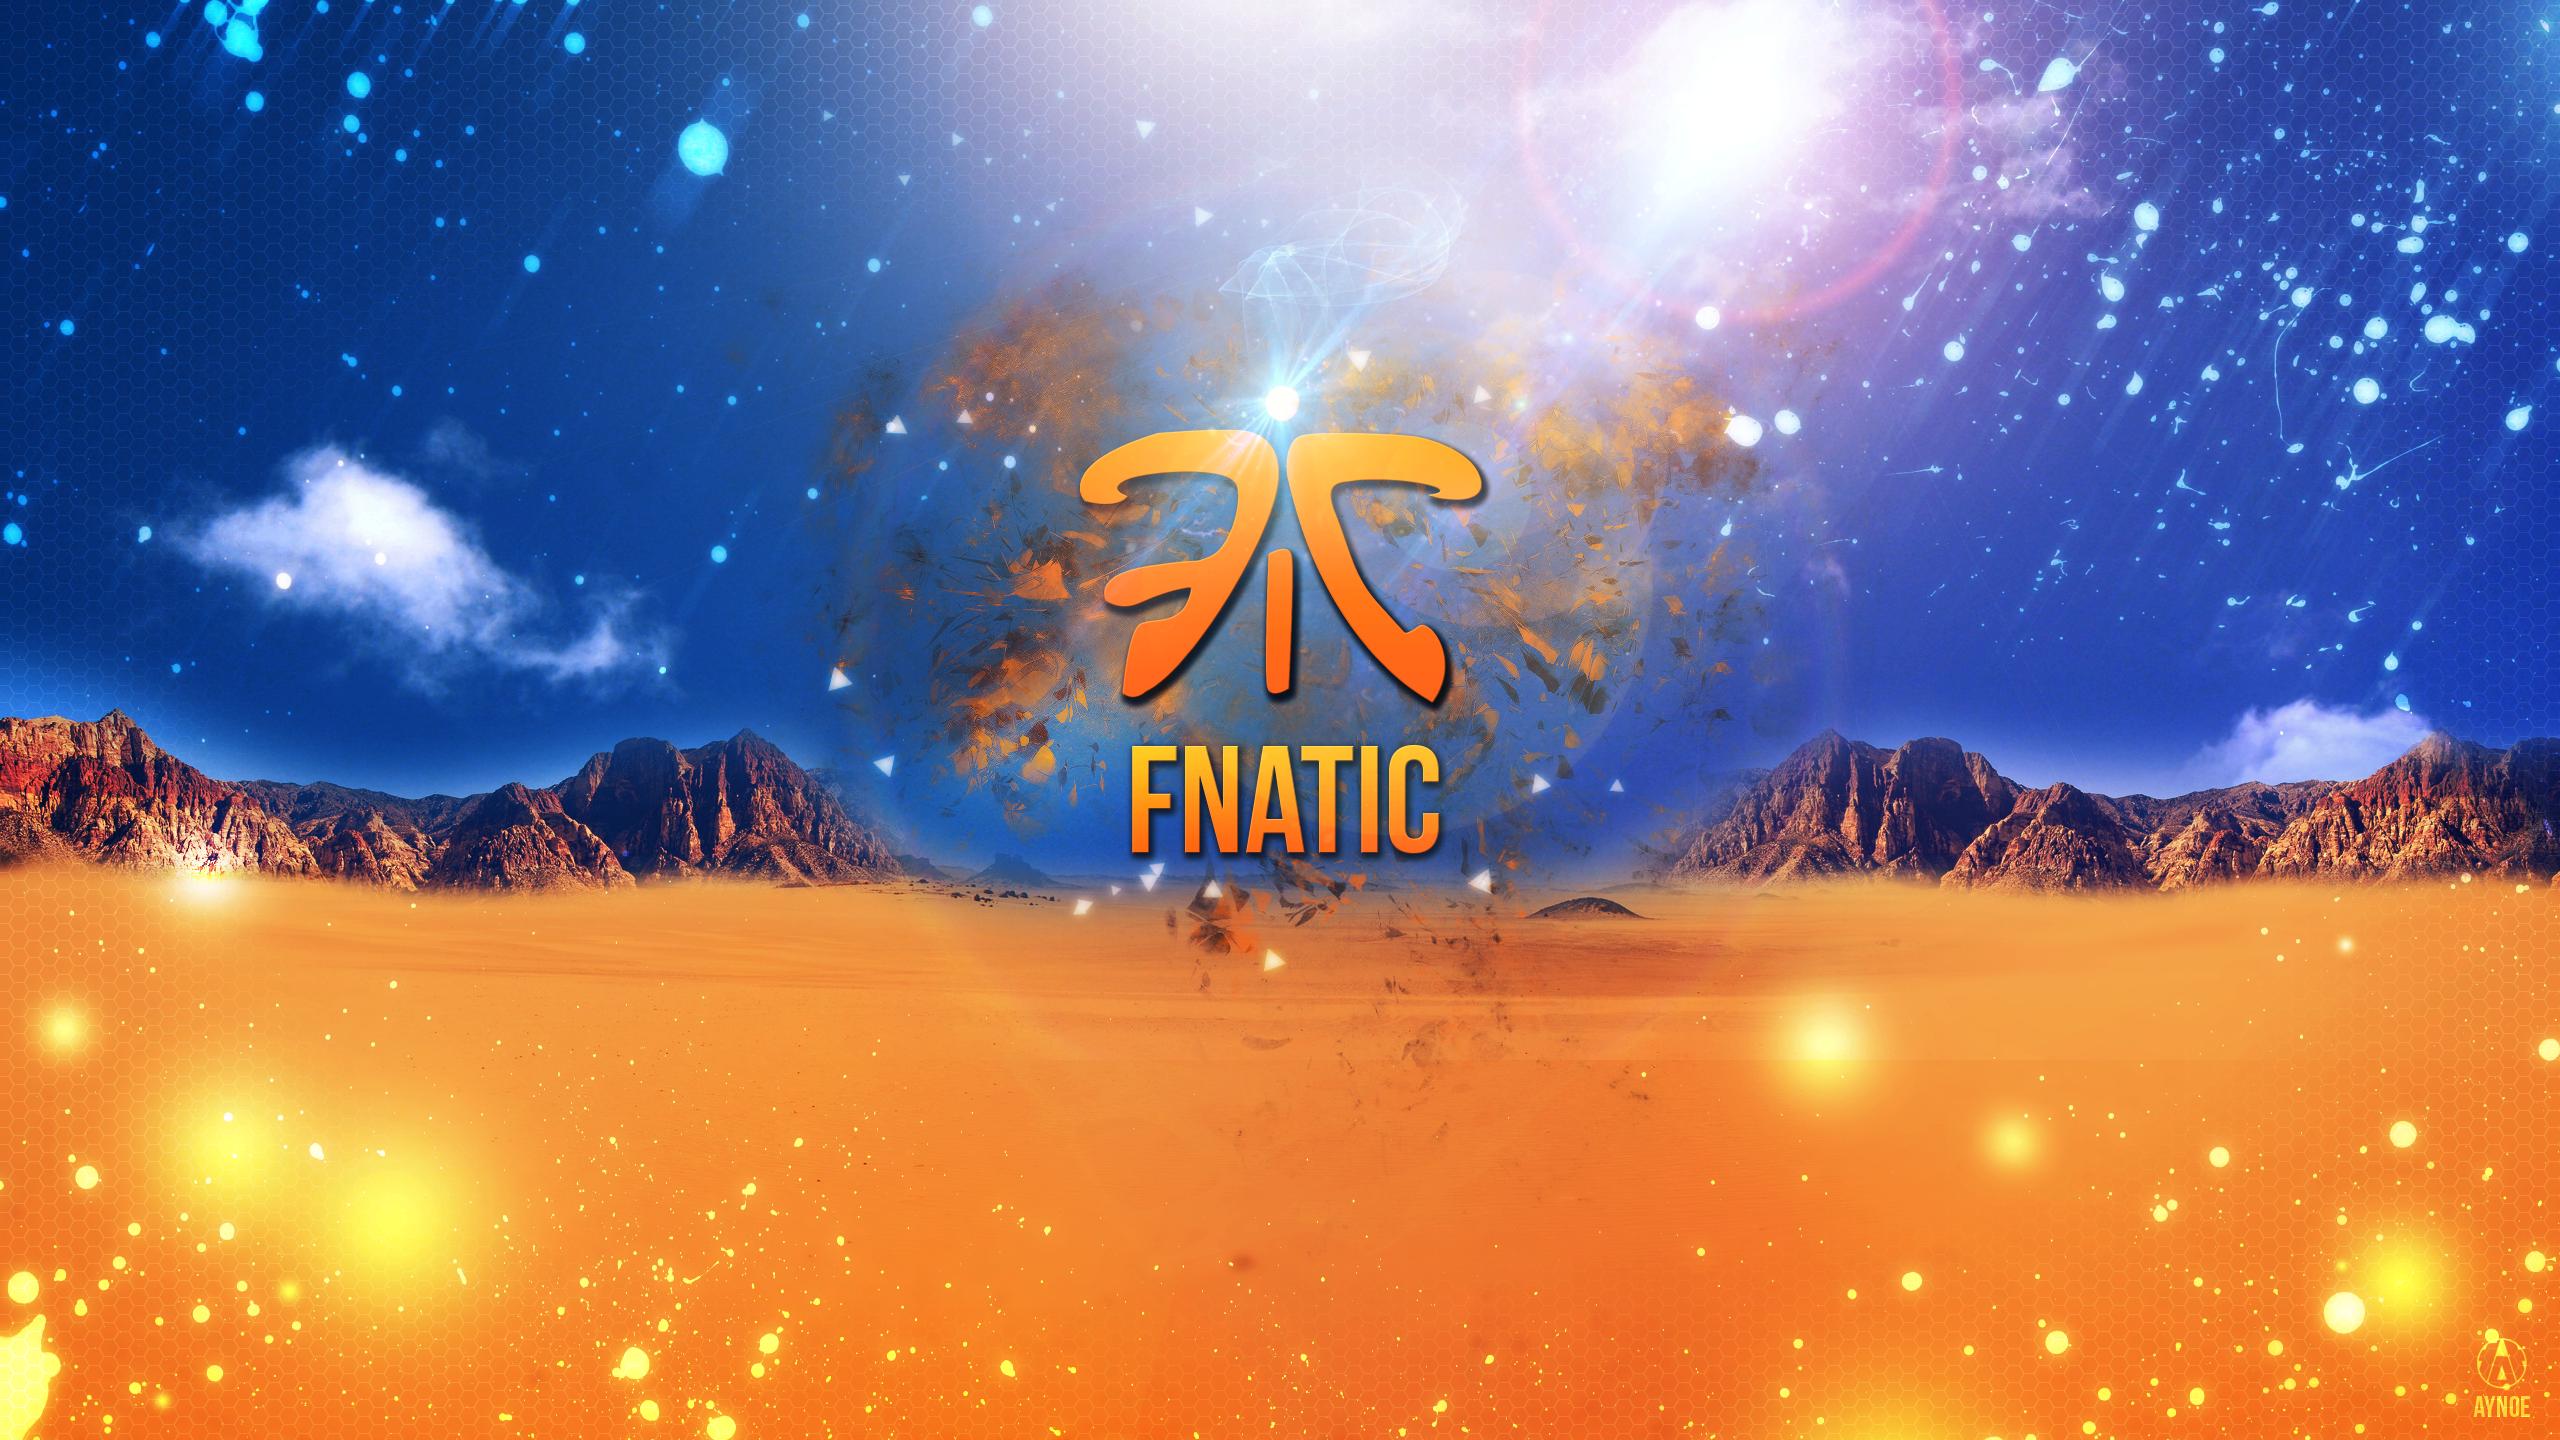 fnatic wallpaper logo league of legends by aynoe on